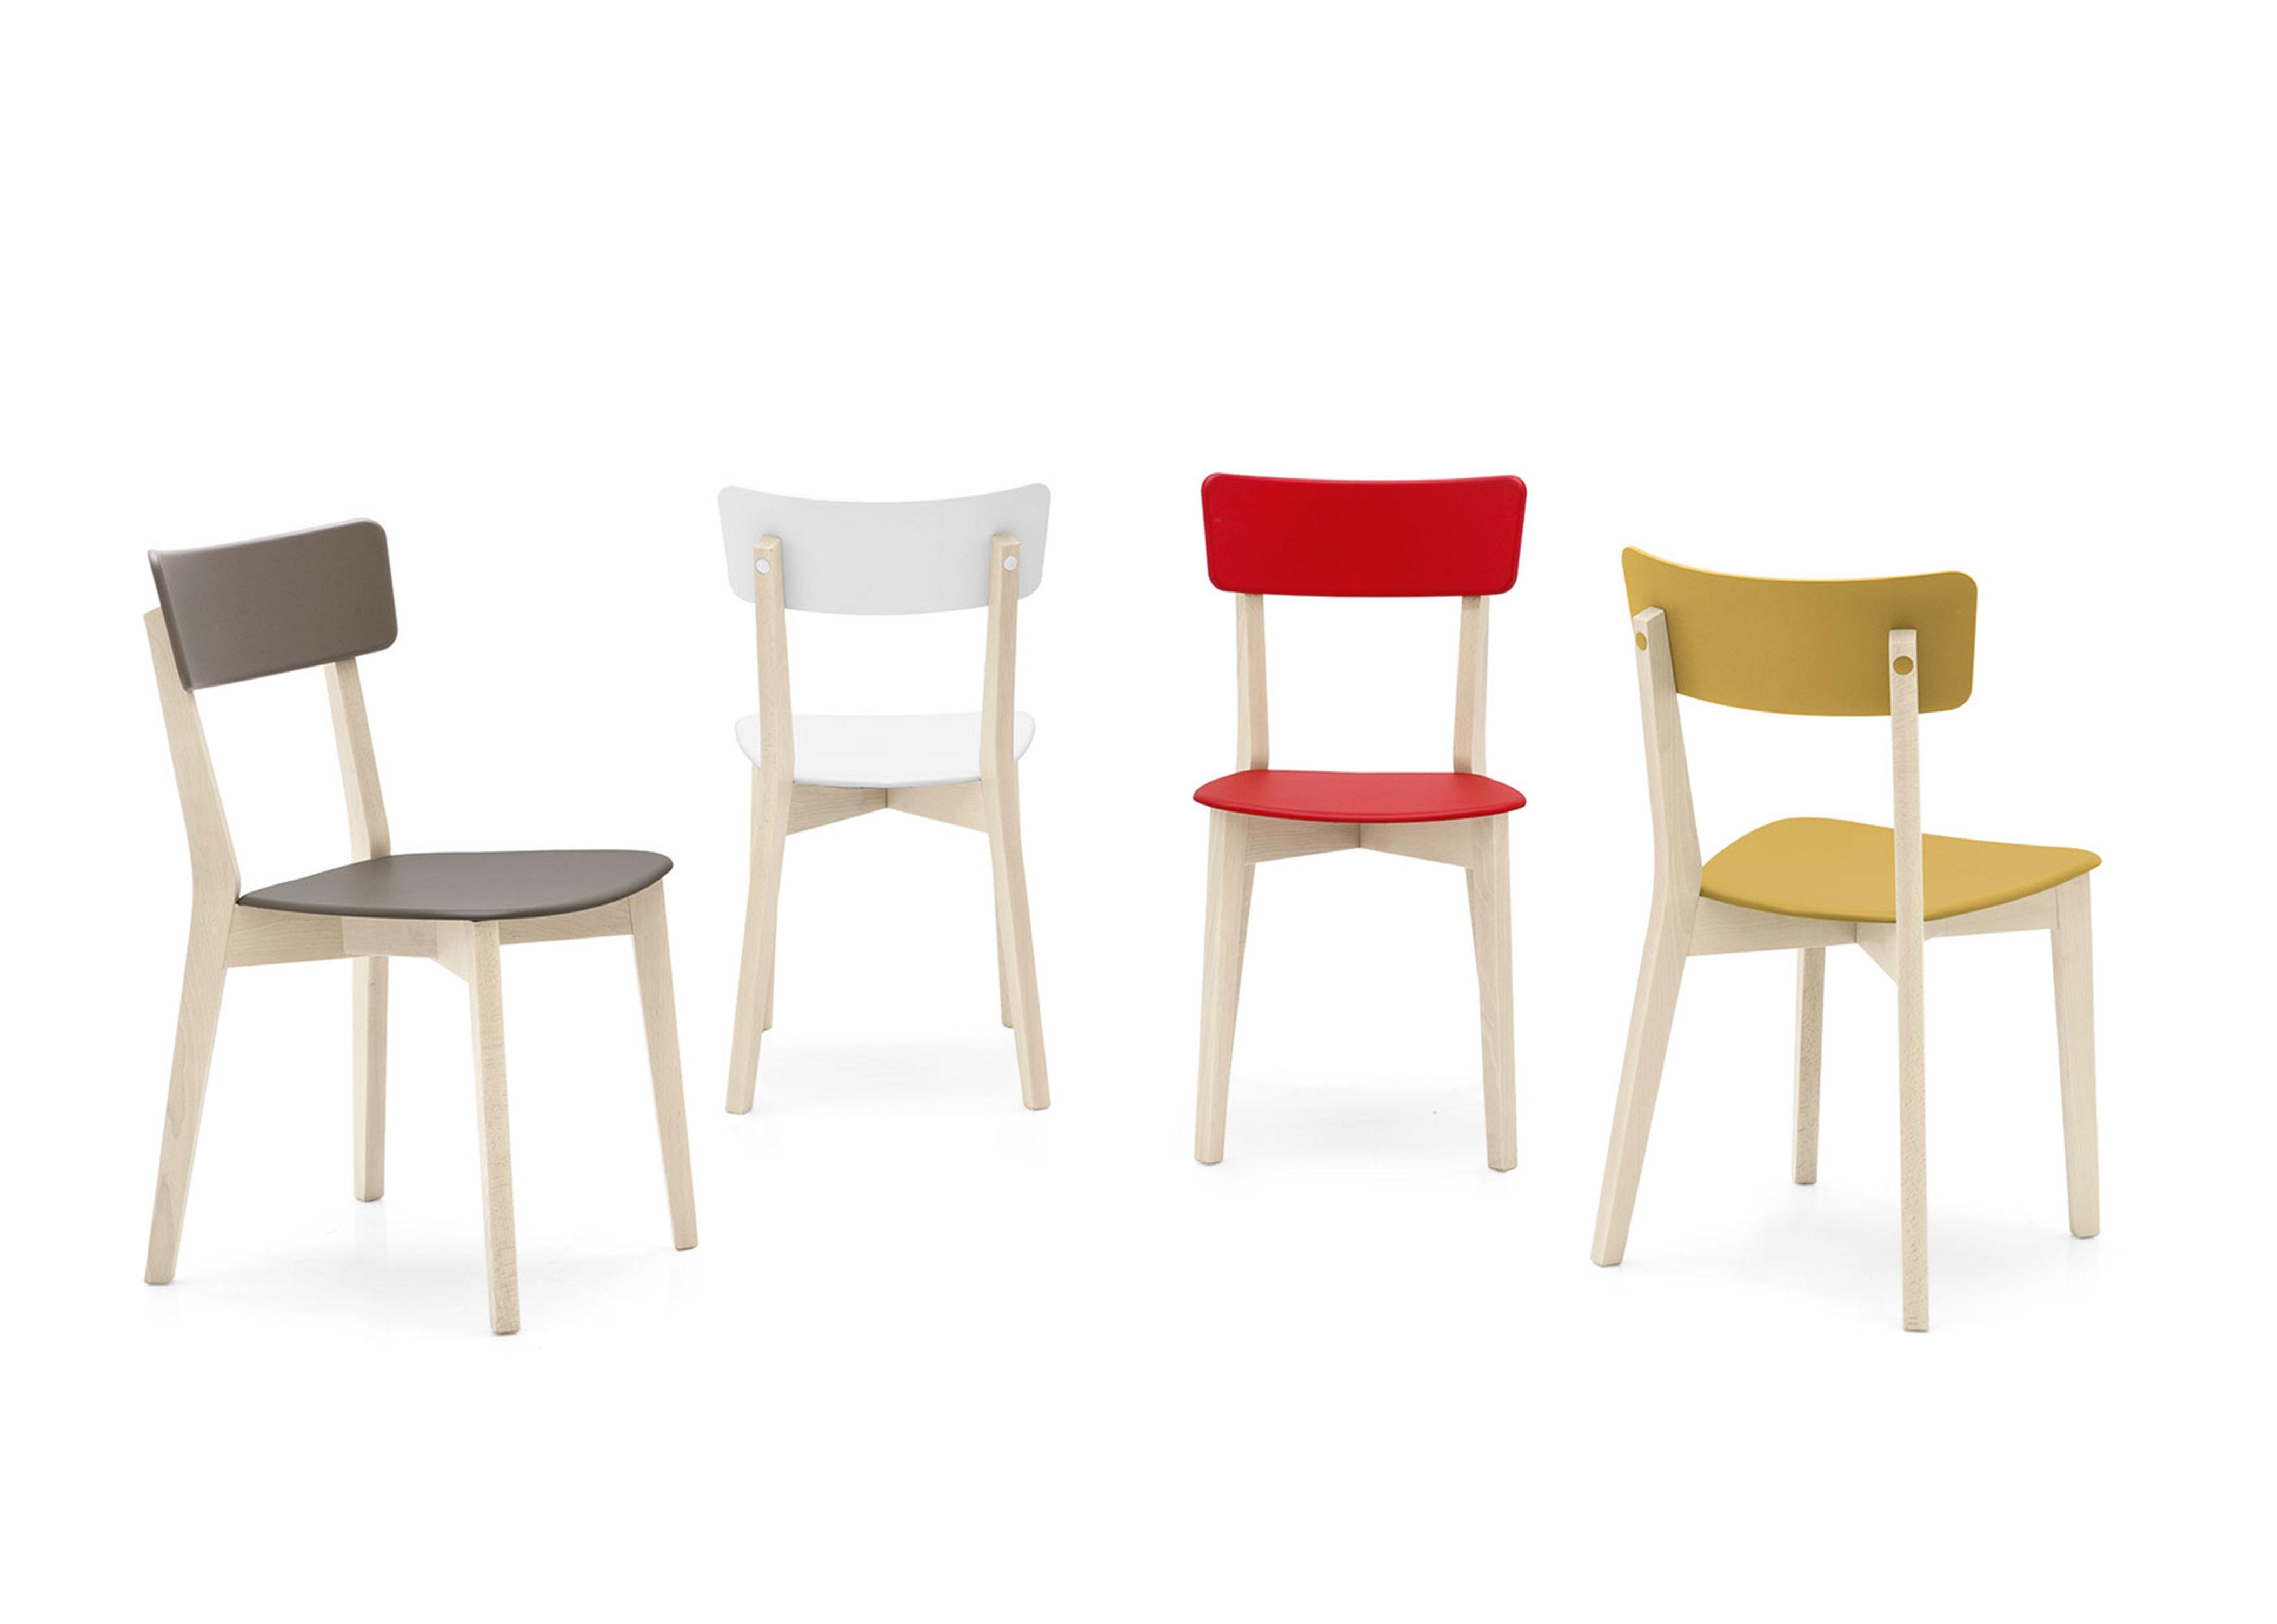 Sedia per cucina modello holly scontata del 30 sedie a for Sedie x cucina moderne